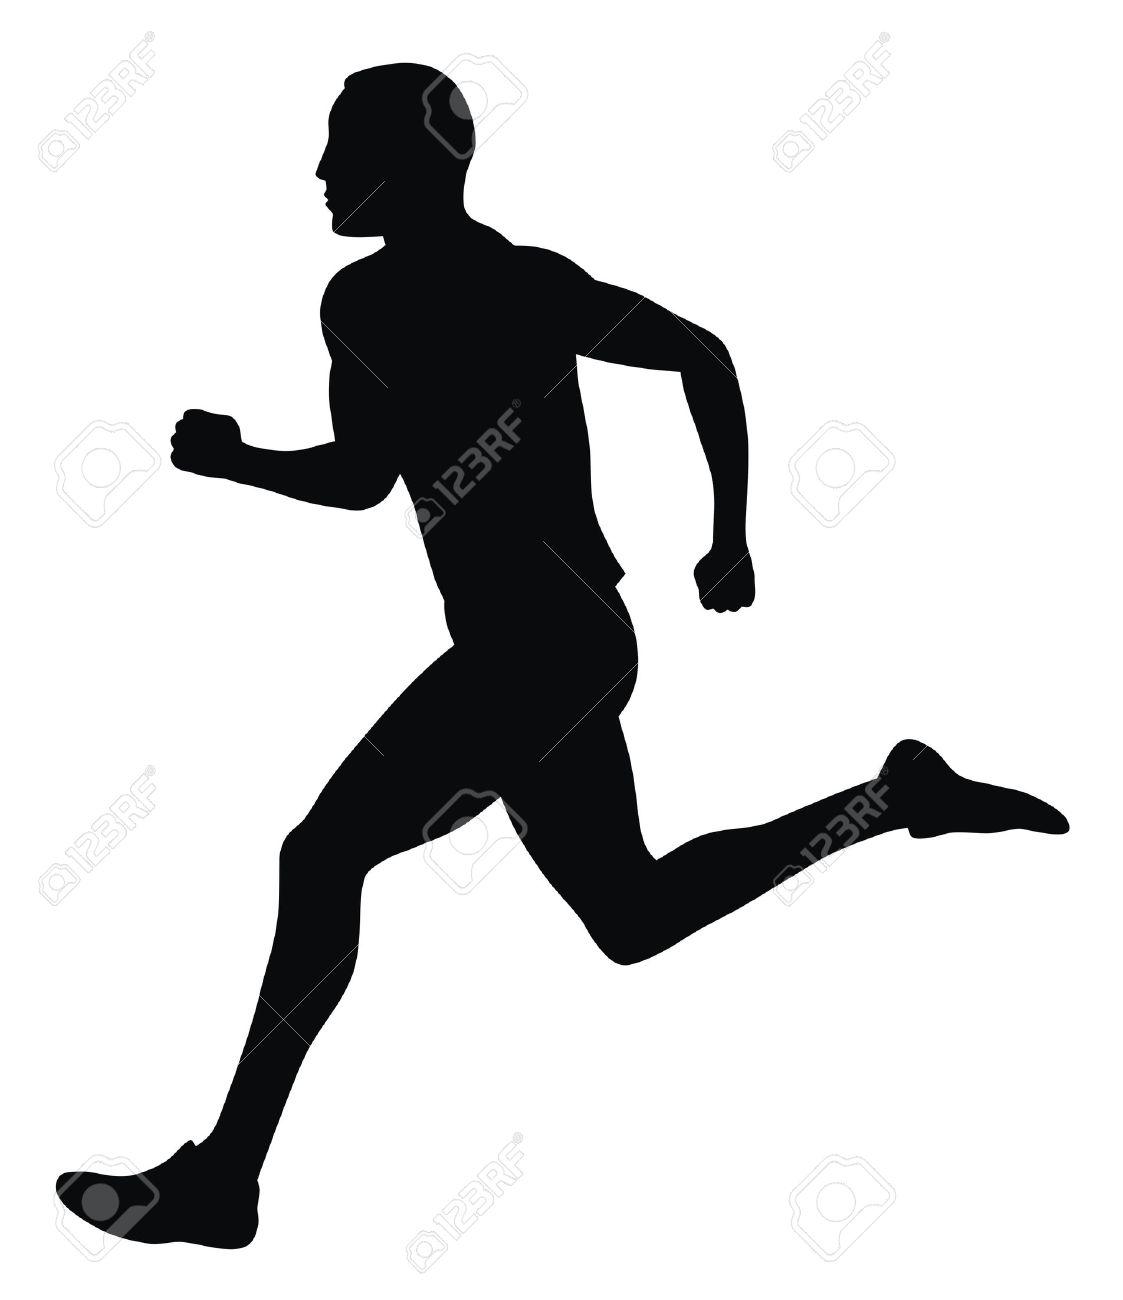 マラソン ランナーの抽象的なベクトル イラストのイラスト素材ベクタ